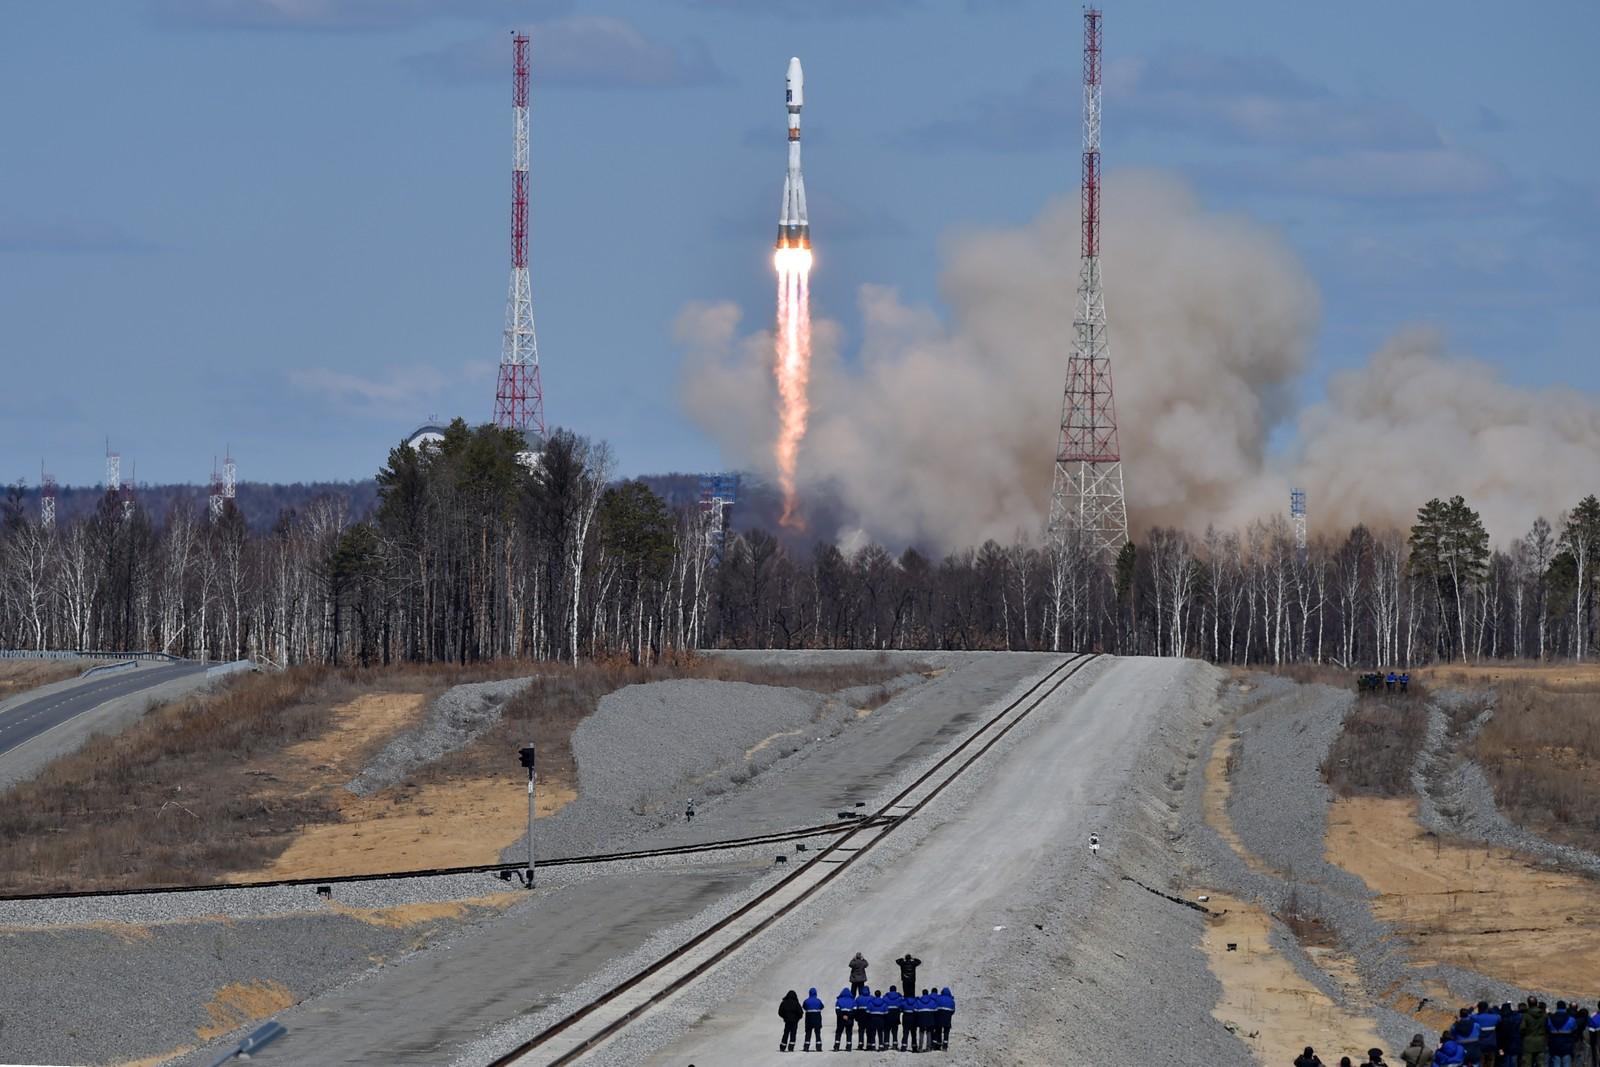 En russisk Soyuz 2.1a-rakett ble torsdag skutt opp fra Vostotjnyj-rombasen ved byen Uglegorsk, i den østlige Amur-regionen i Russland. Raketten har Lomonosov, Aist-2D og SamSat-218-satellitter om bord.